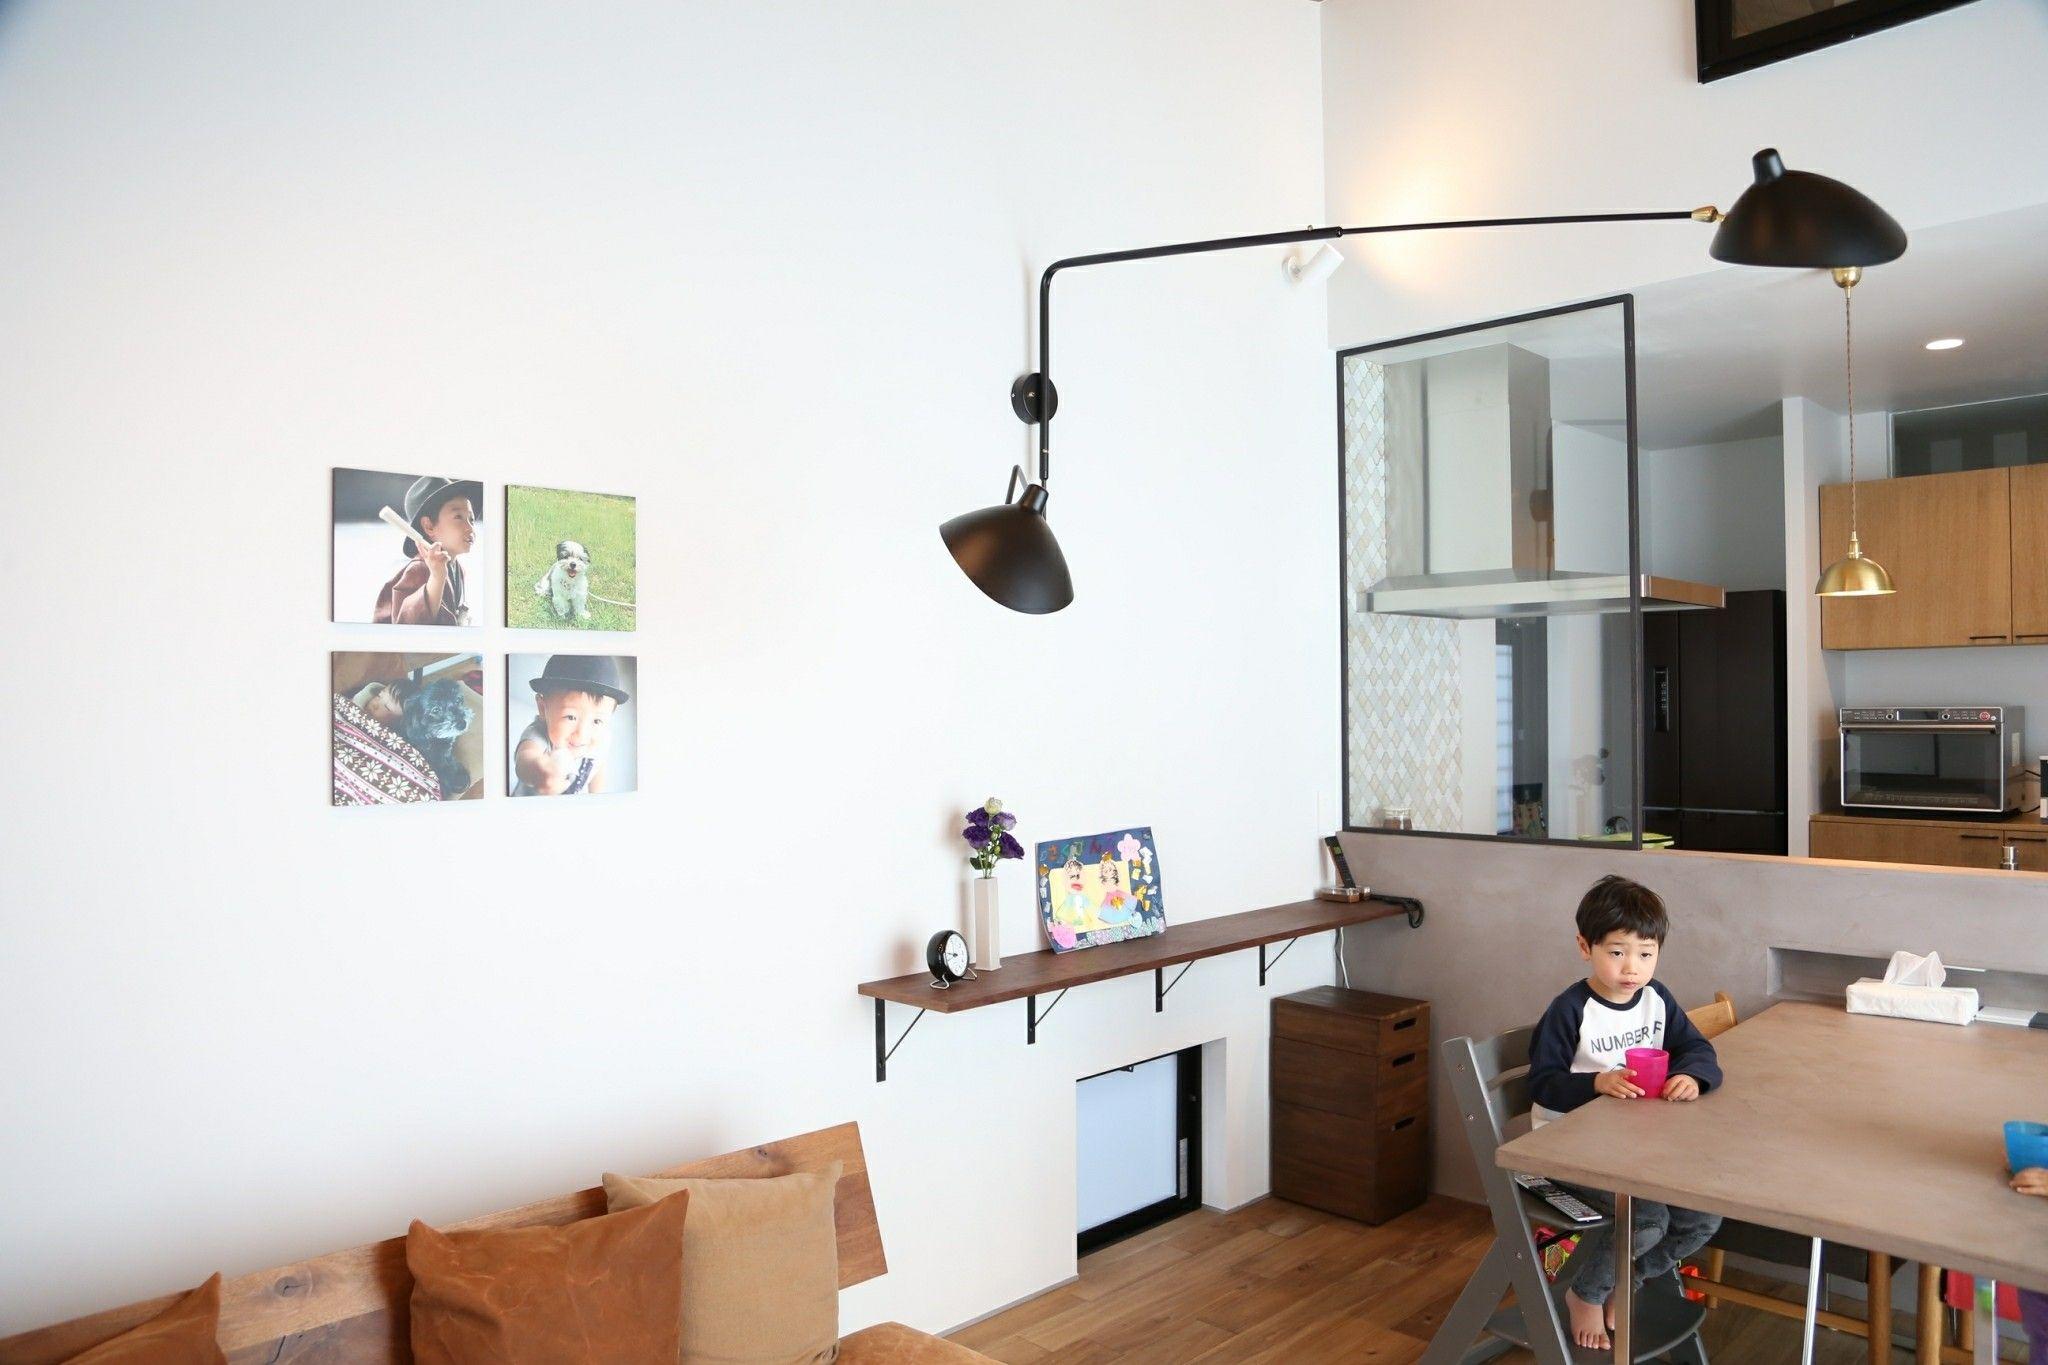 Webオープンハウス 画像多め ミラーが付いたよ とプロの写真